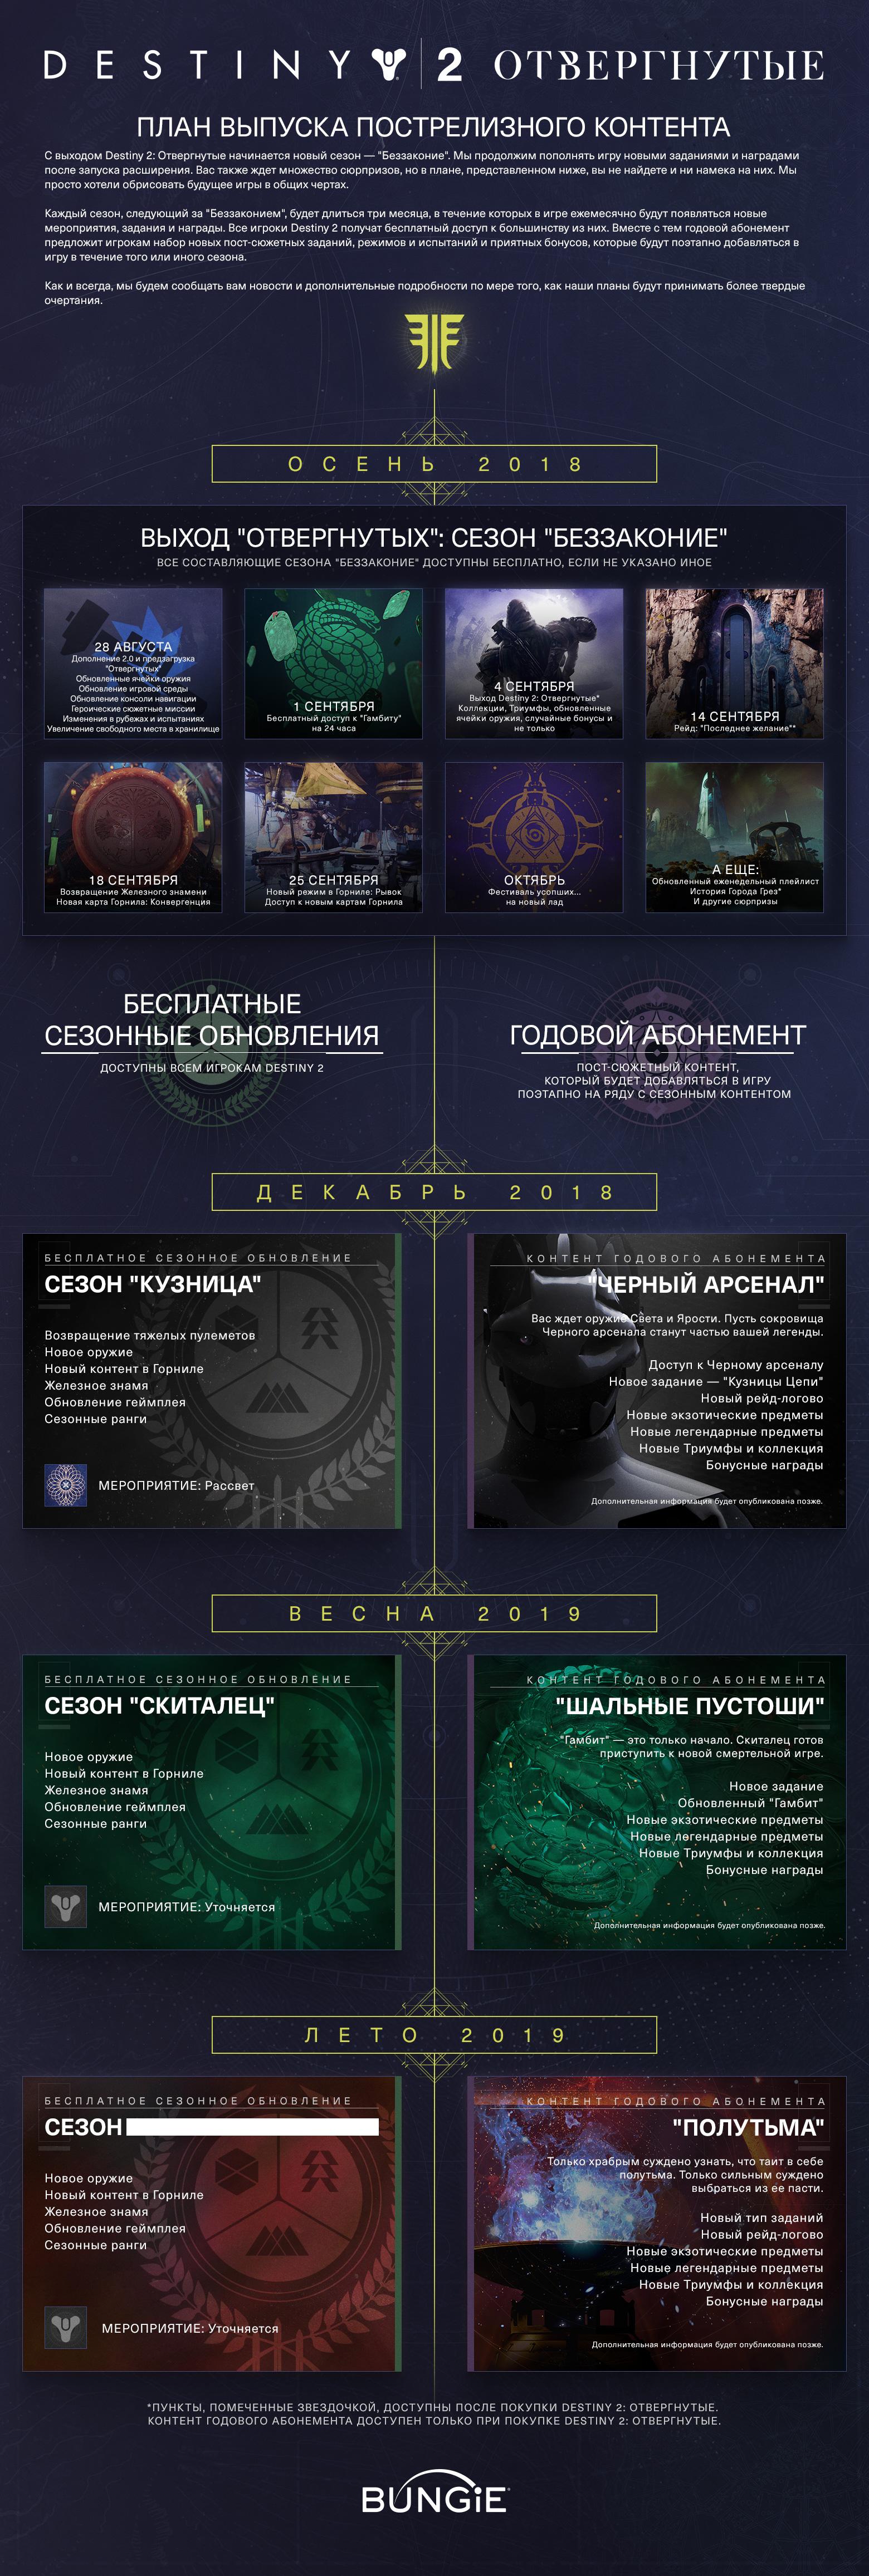 RU_forsaken_post_launch_infographic.jpg?